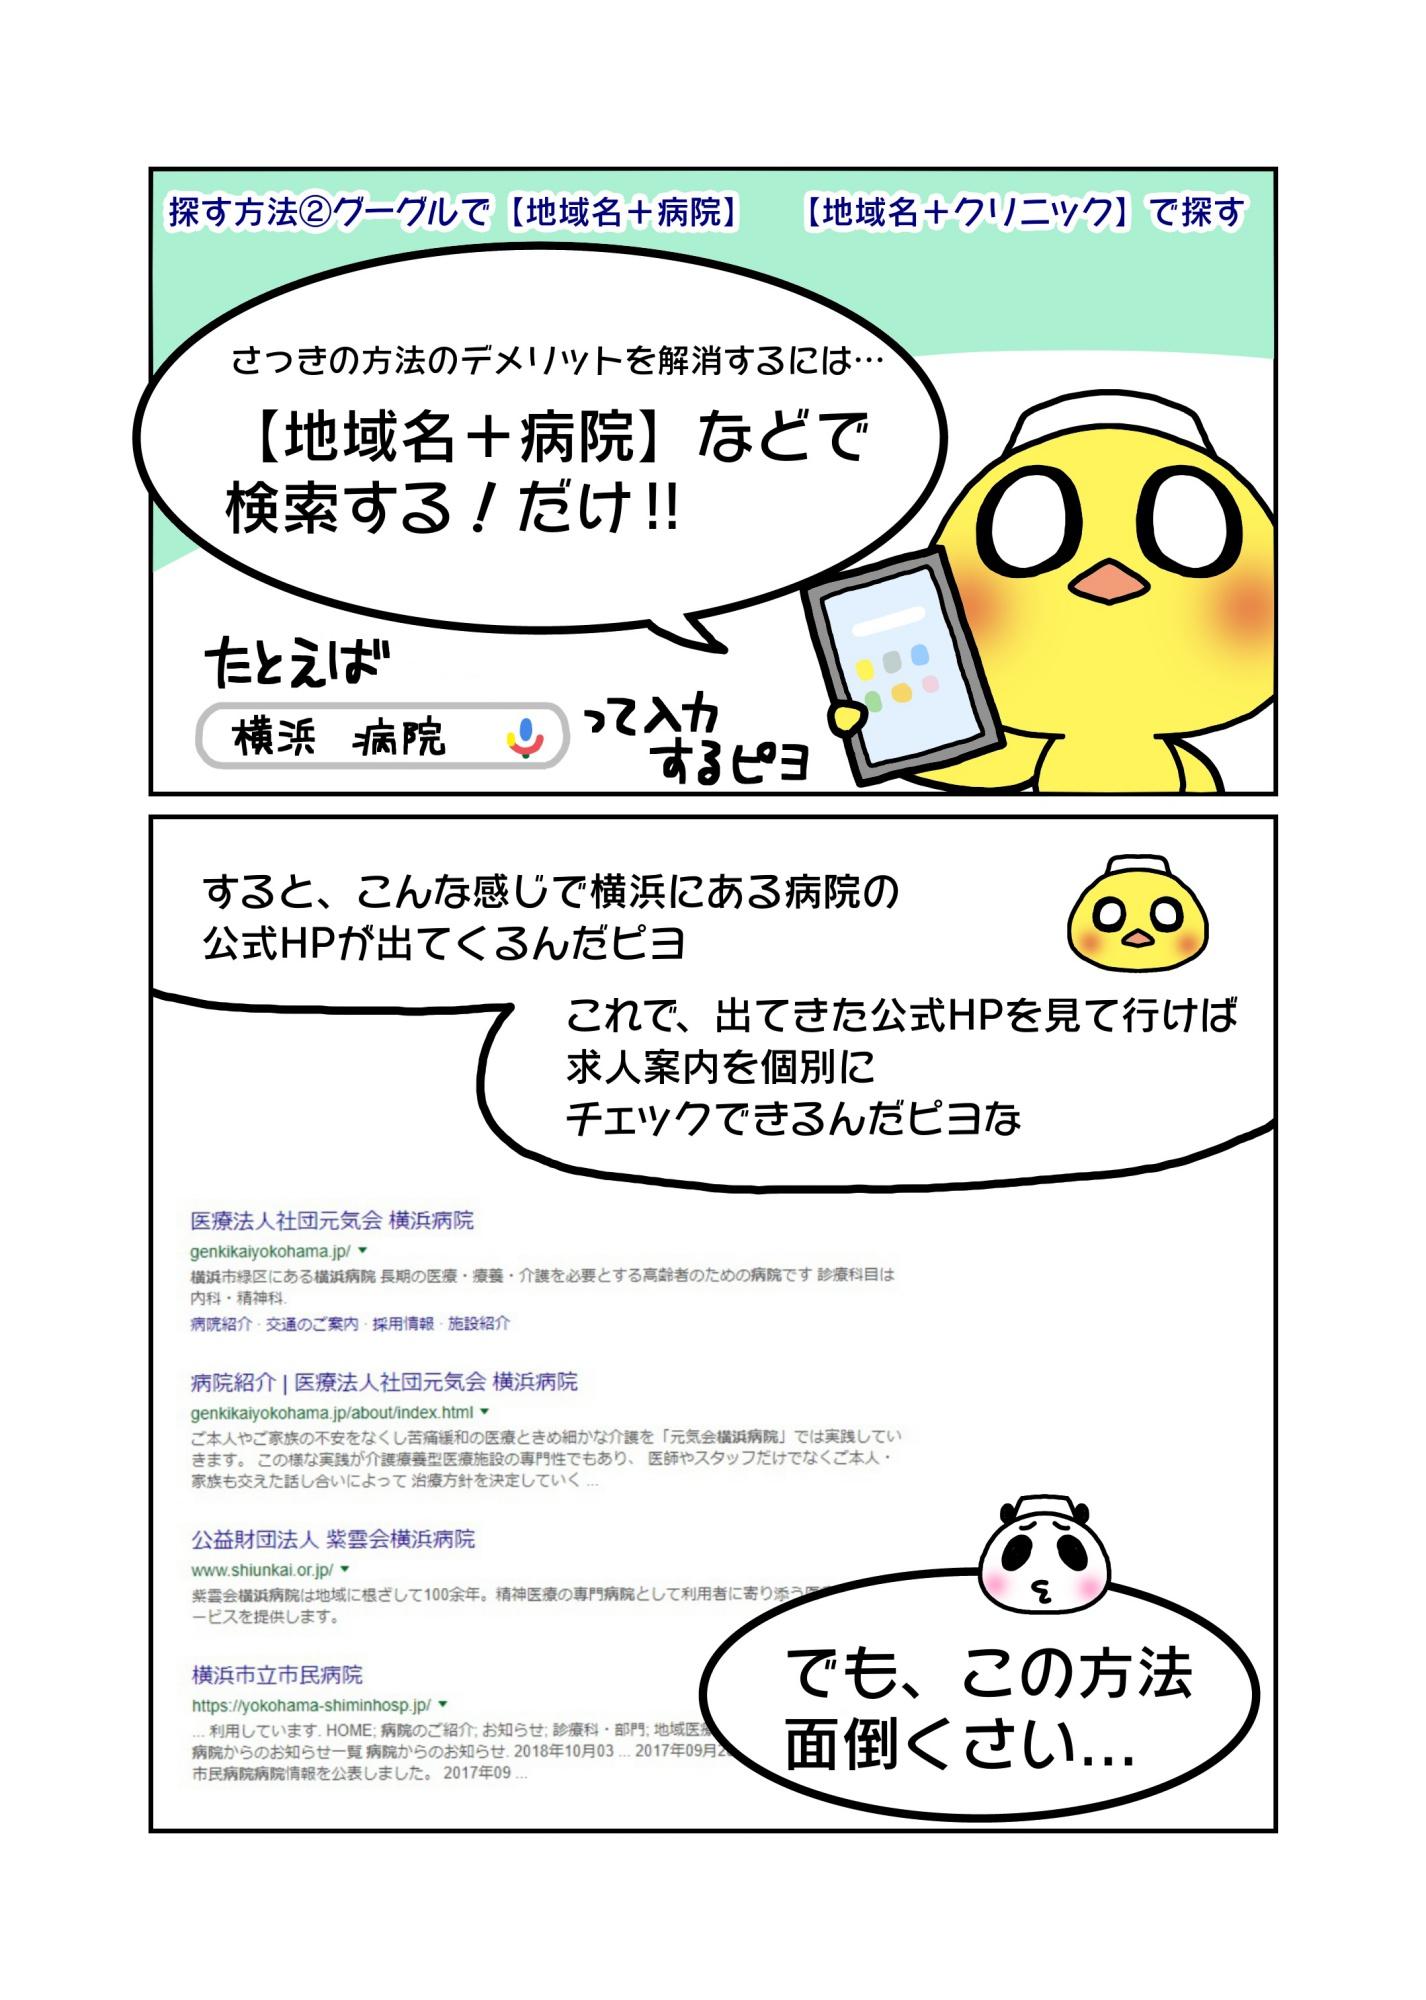 「グーグルで【地域名+病院】 【地域名+クリニック】で探す」マンガ1ページ